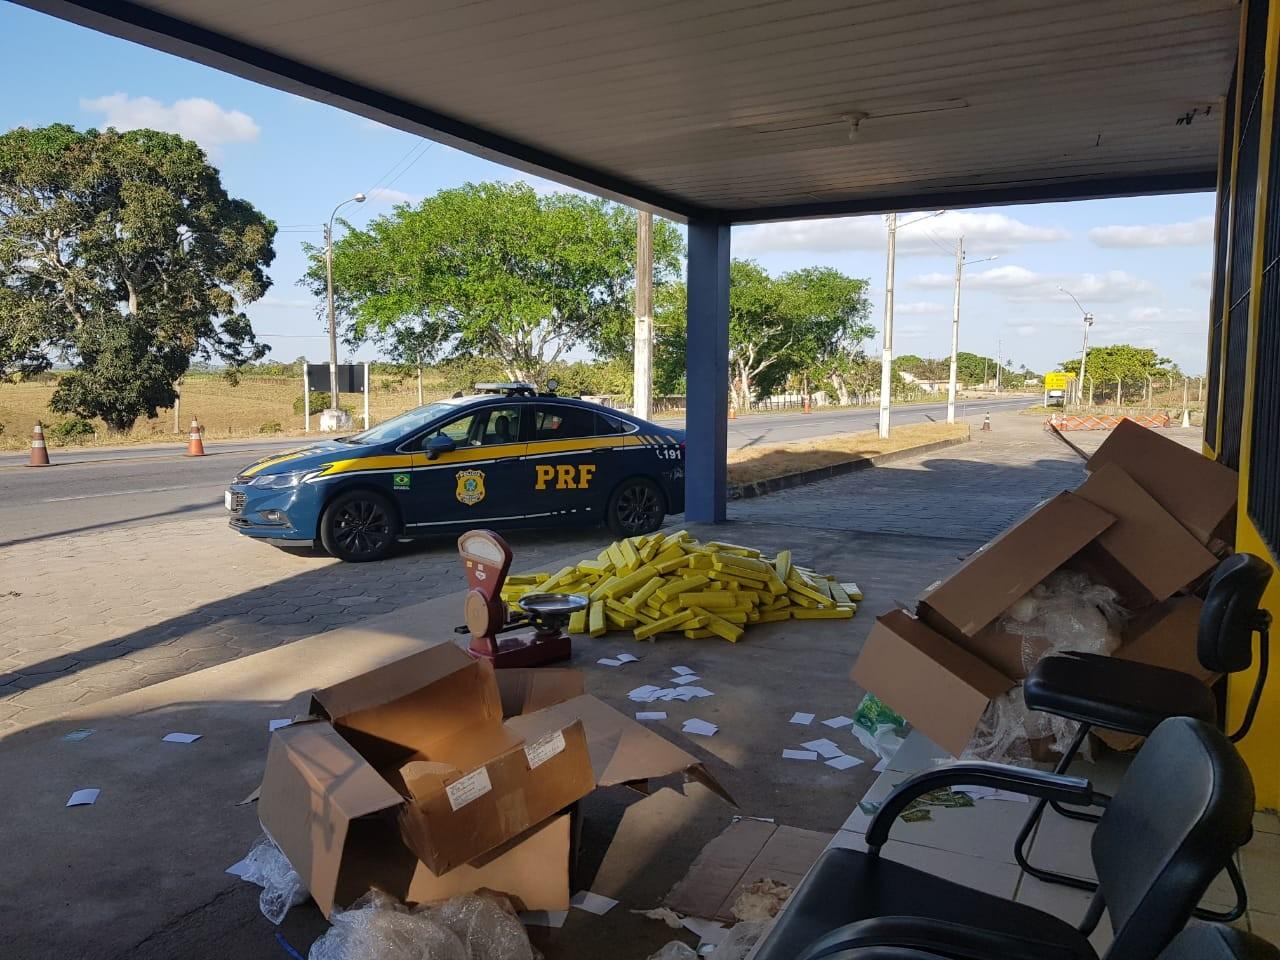 Mulher é presa com 207 kg de maconha em ônibus na BR-101, em São Sebastião, AL - Notícias - Plantão Diário